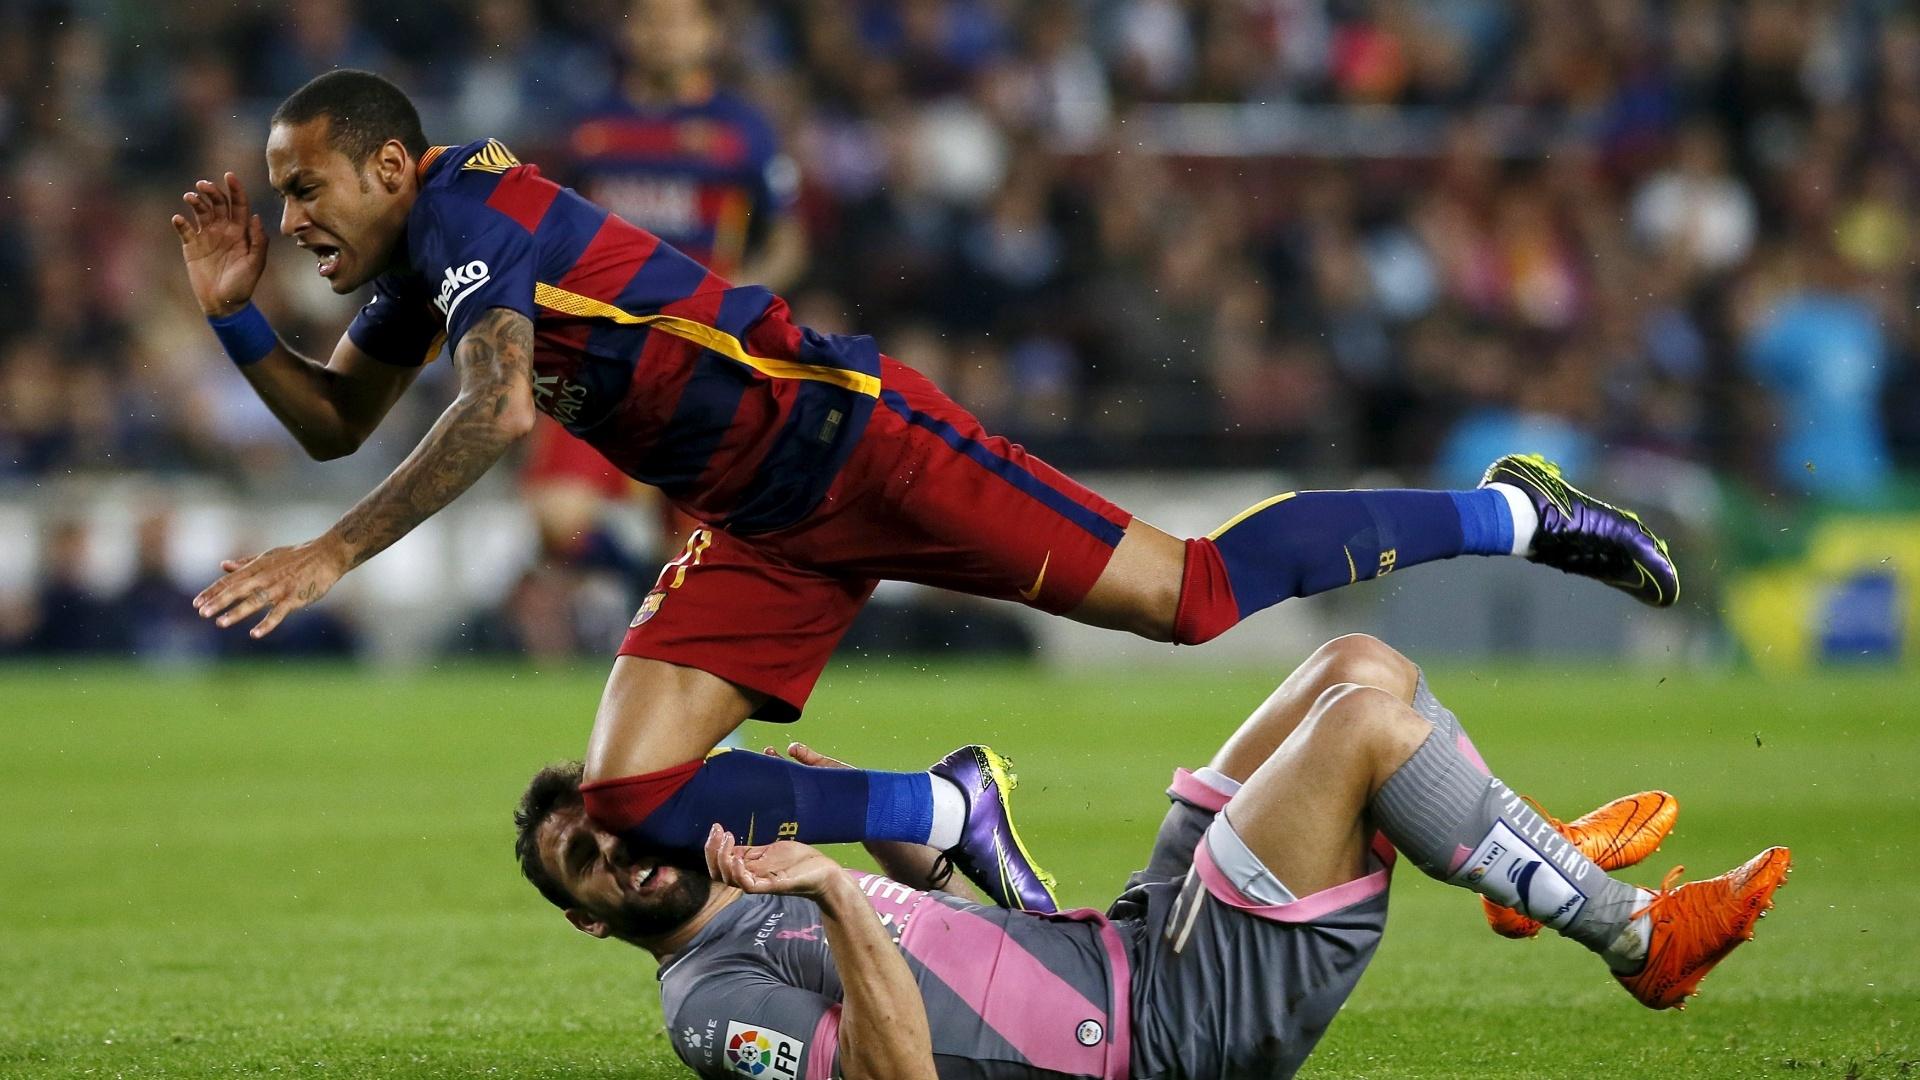 Neymar disputa lance com Bangoura, do Rayo Vallecano, em partida no Camp Nou